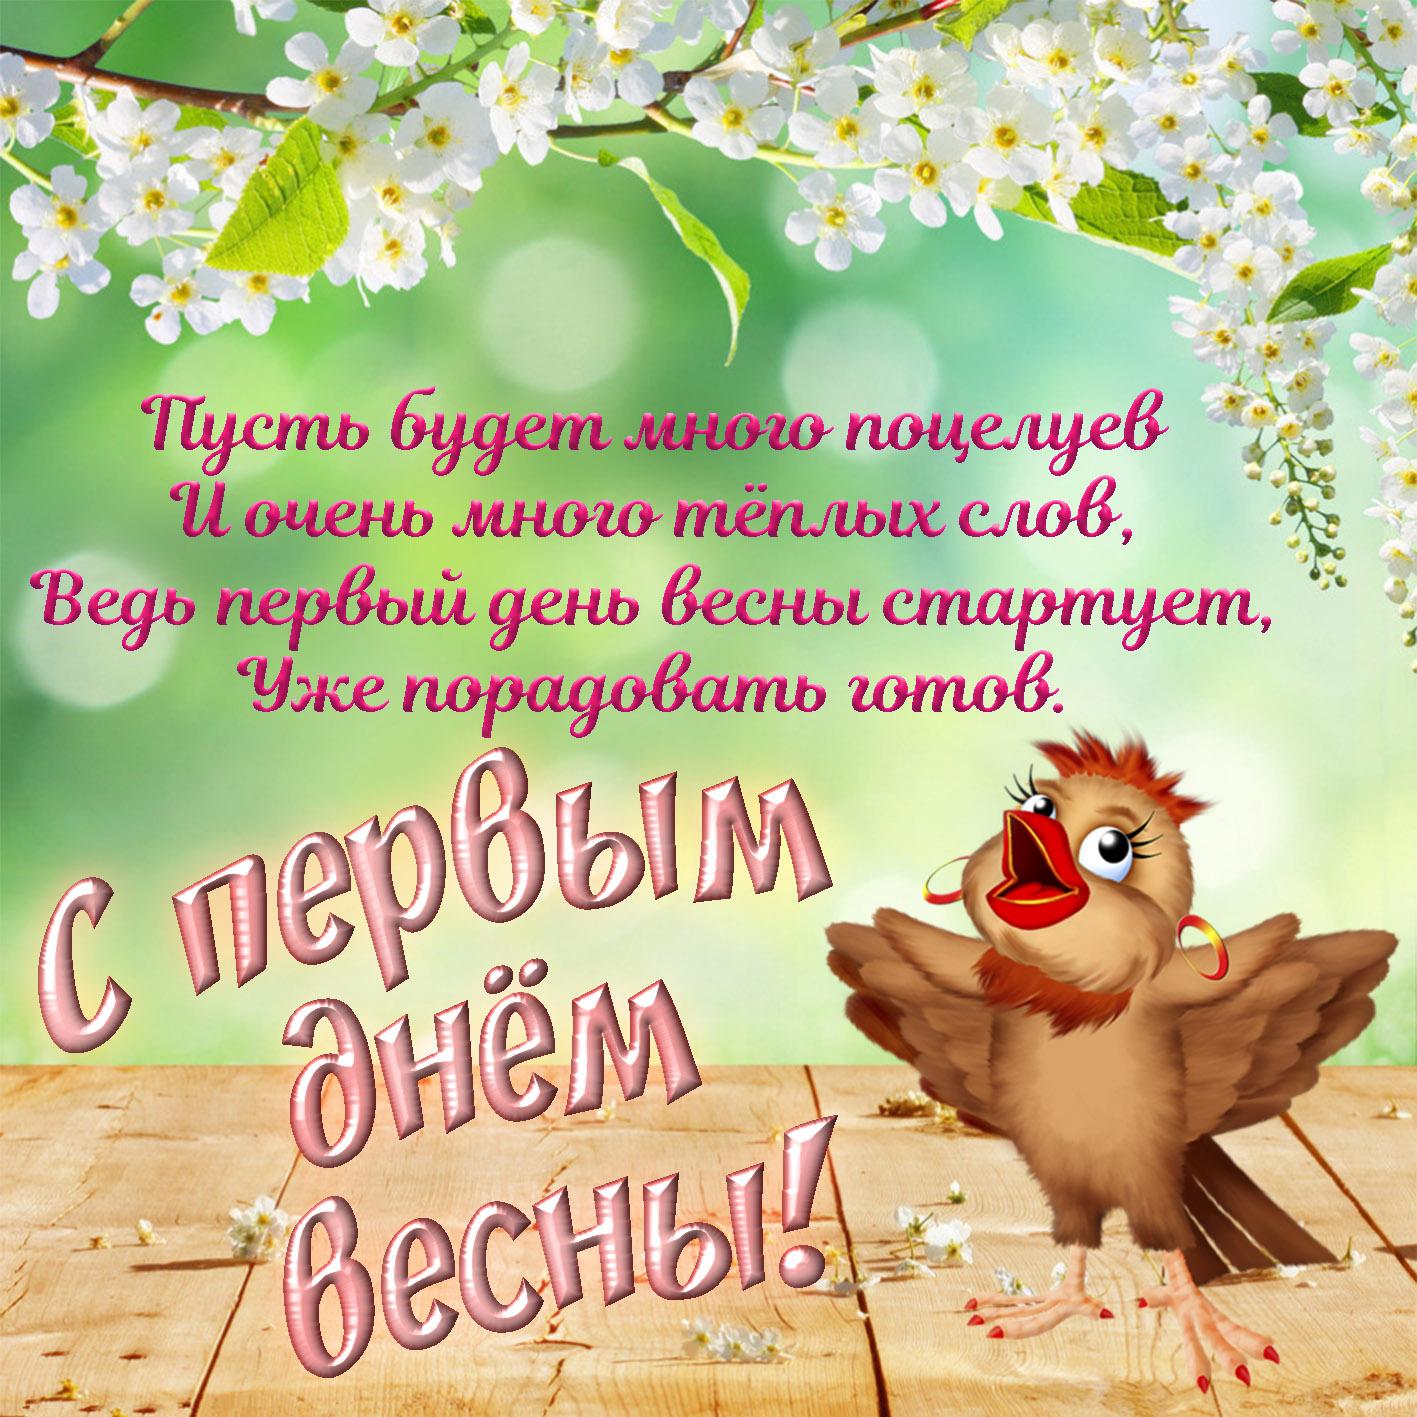 Первый день весны — поздравления с весной (стихи, картинки)